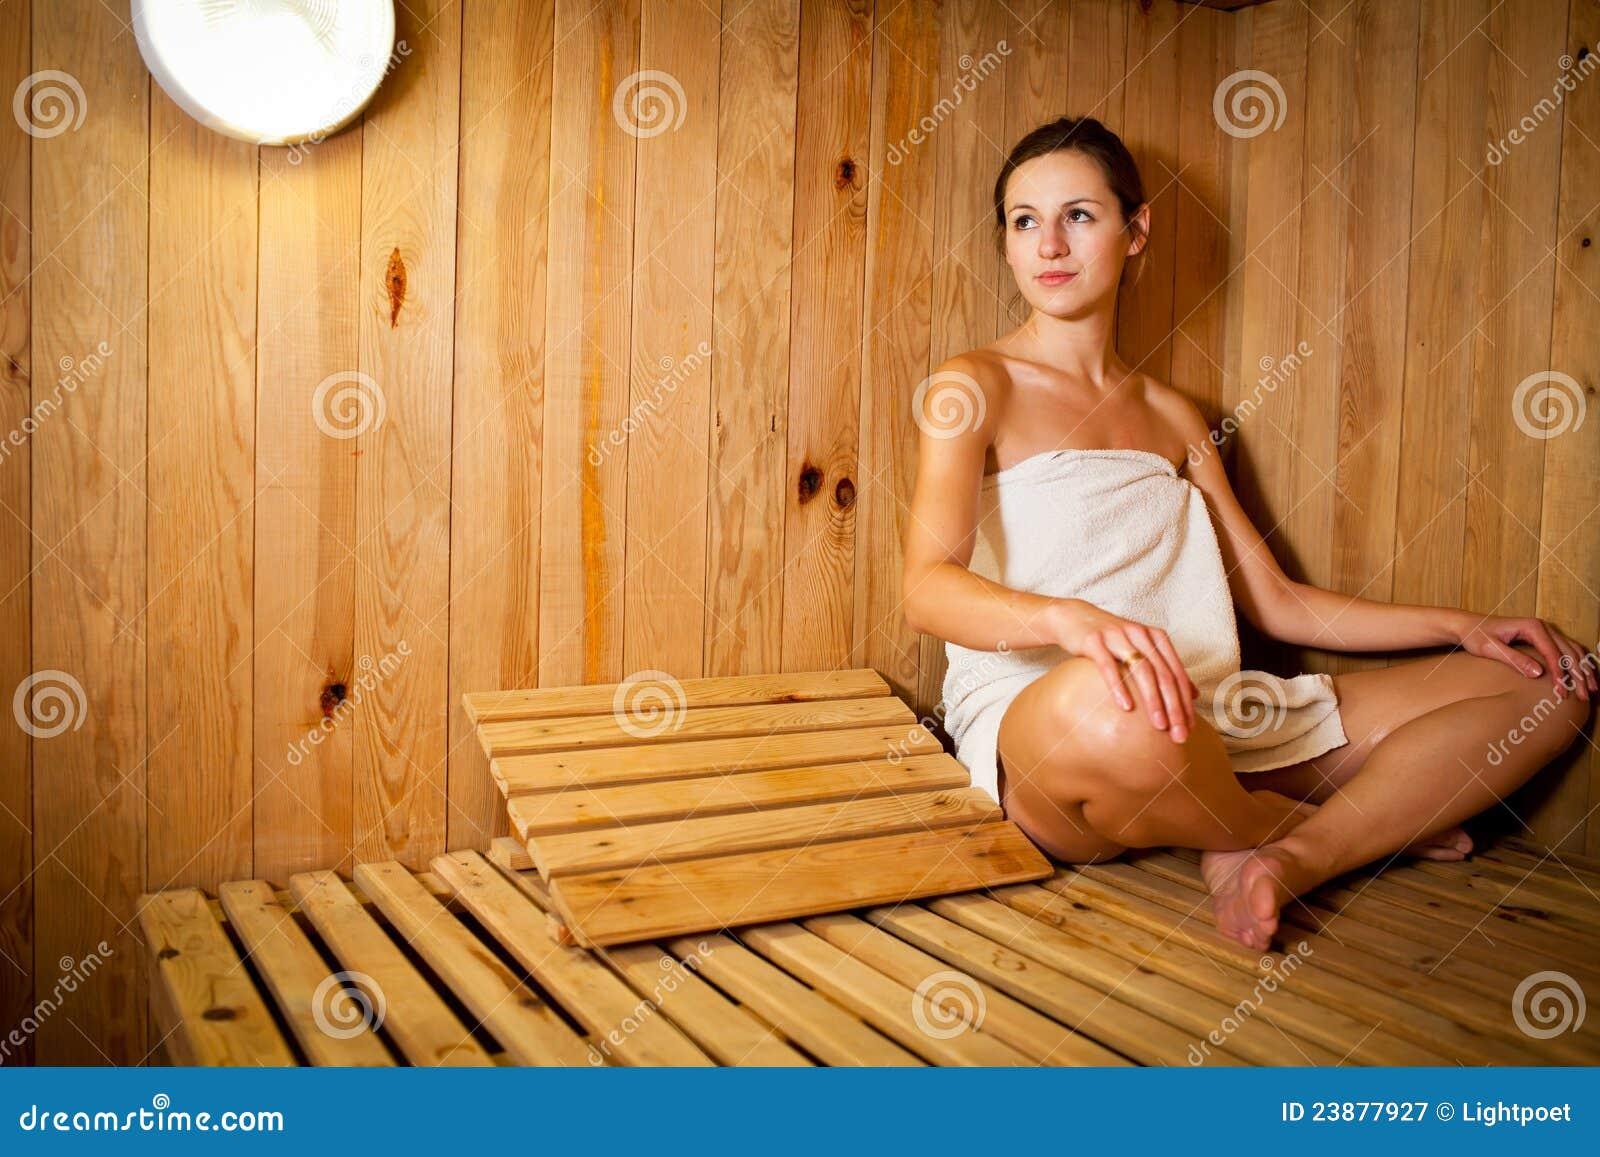 nrwerotik sex in sauna porn